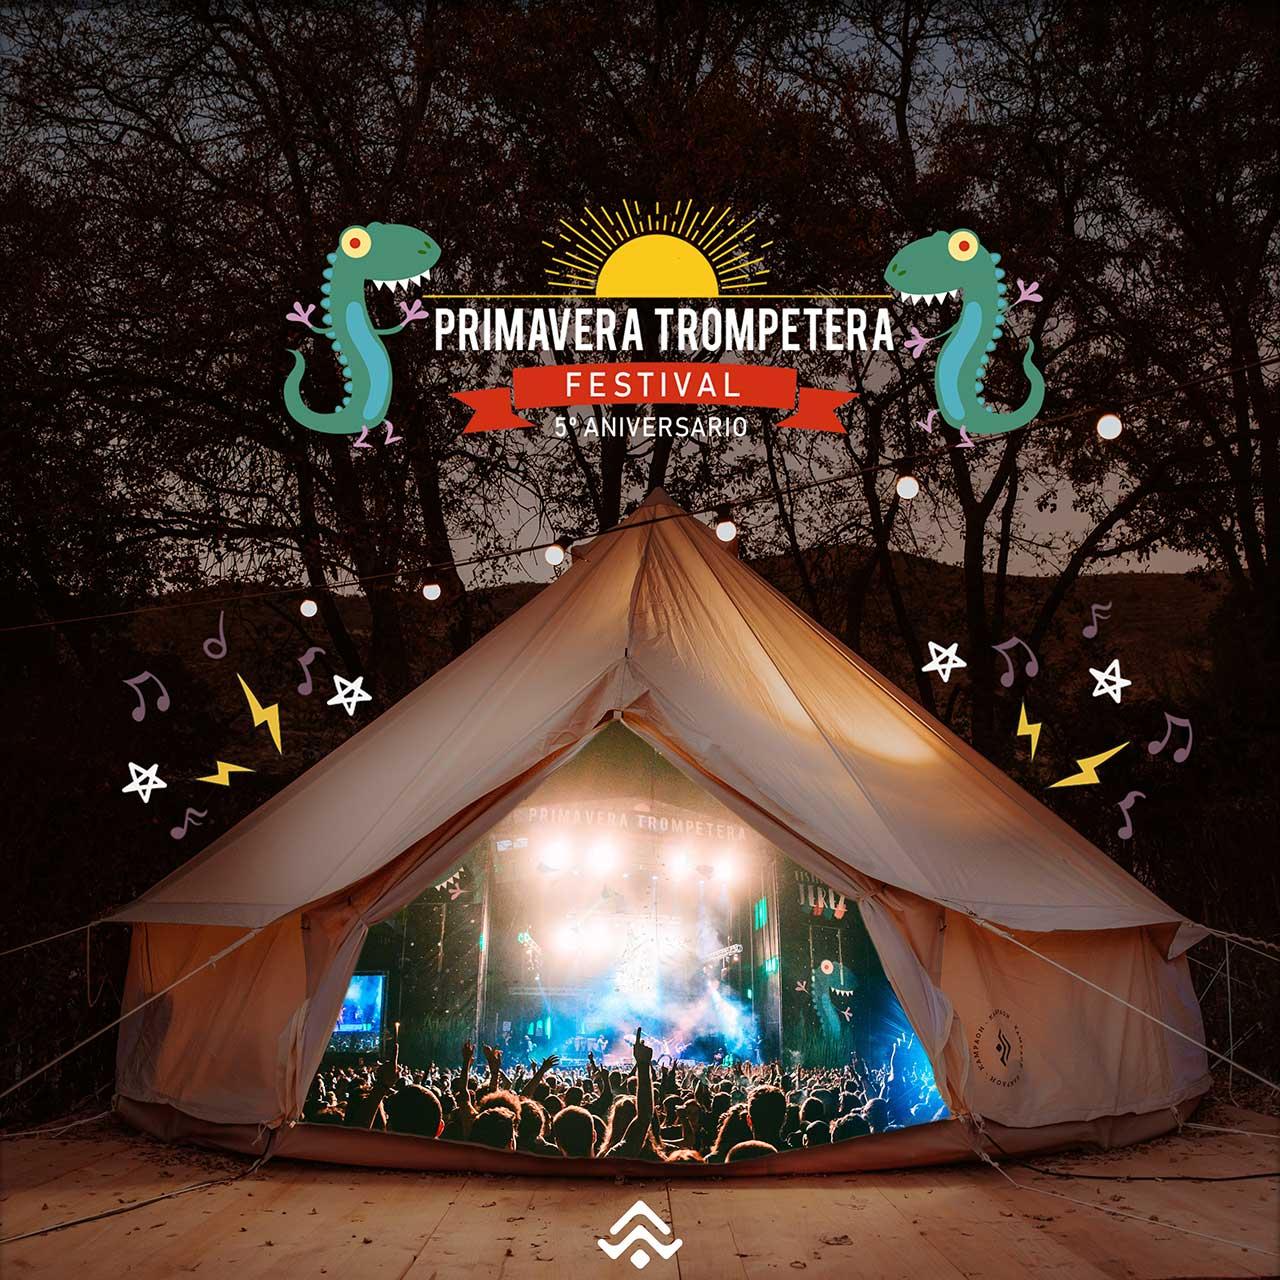 Acampada en el Primavera Trompetera Festival 2019